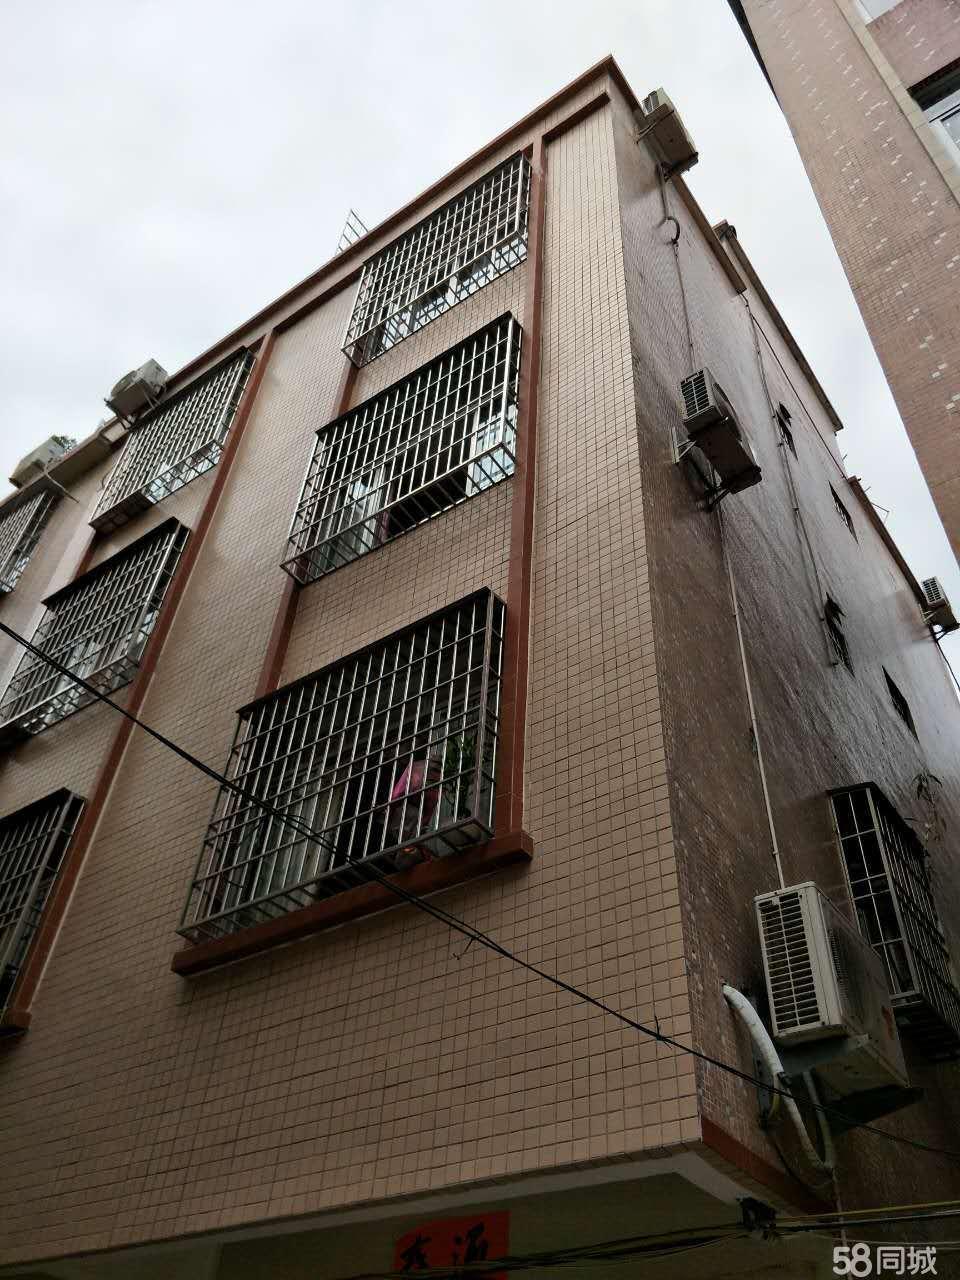 三面见光【私宅36占地】四层、向南、前后7米、开价73万